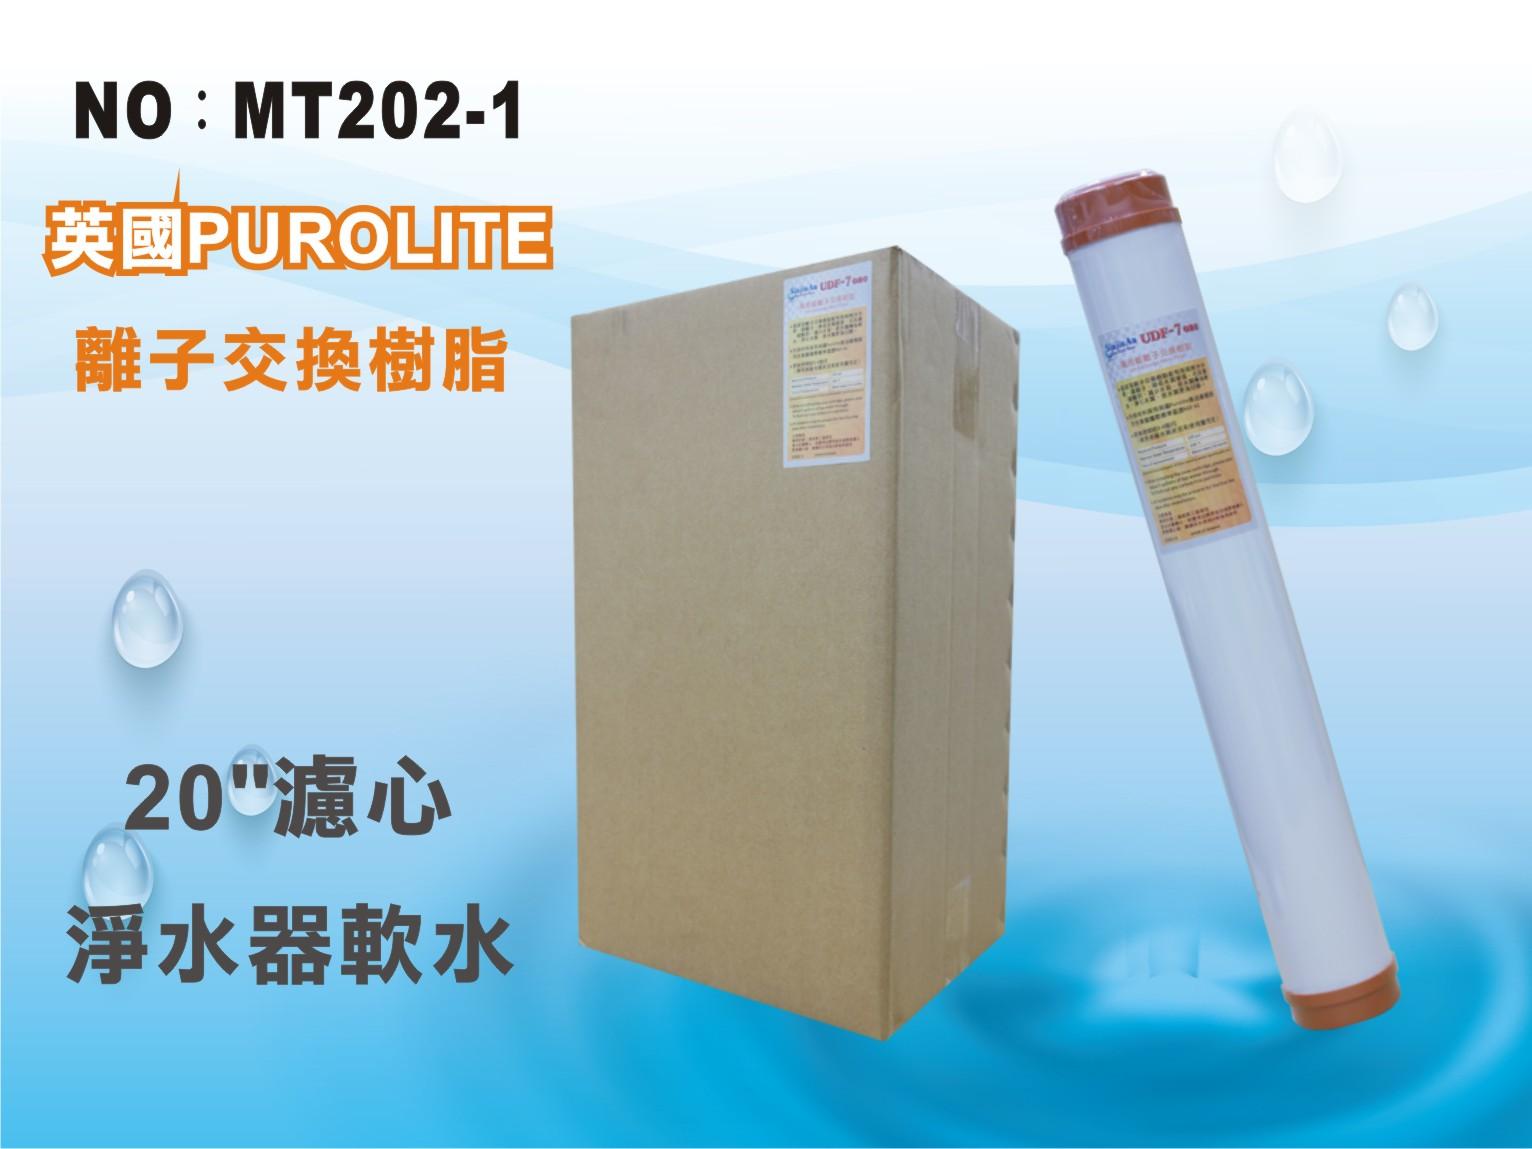 <br/><br/>  【龍門淨水】 20吋UDF 7-ONE英國Purolite食品級離子交換樹脂濾心 12支 淨水器(MT202-1)<br/><br/>